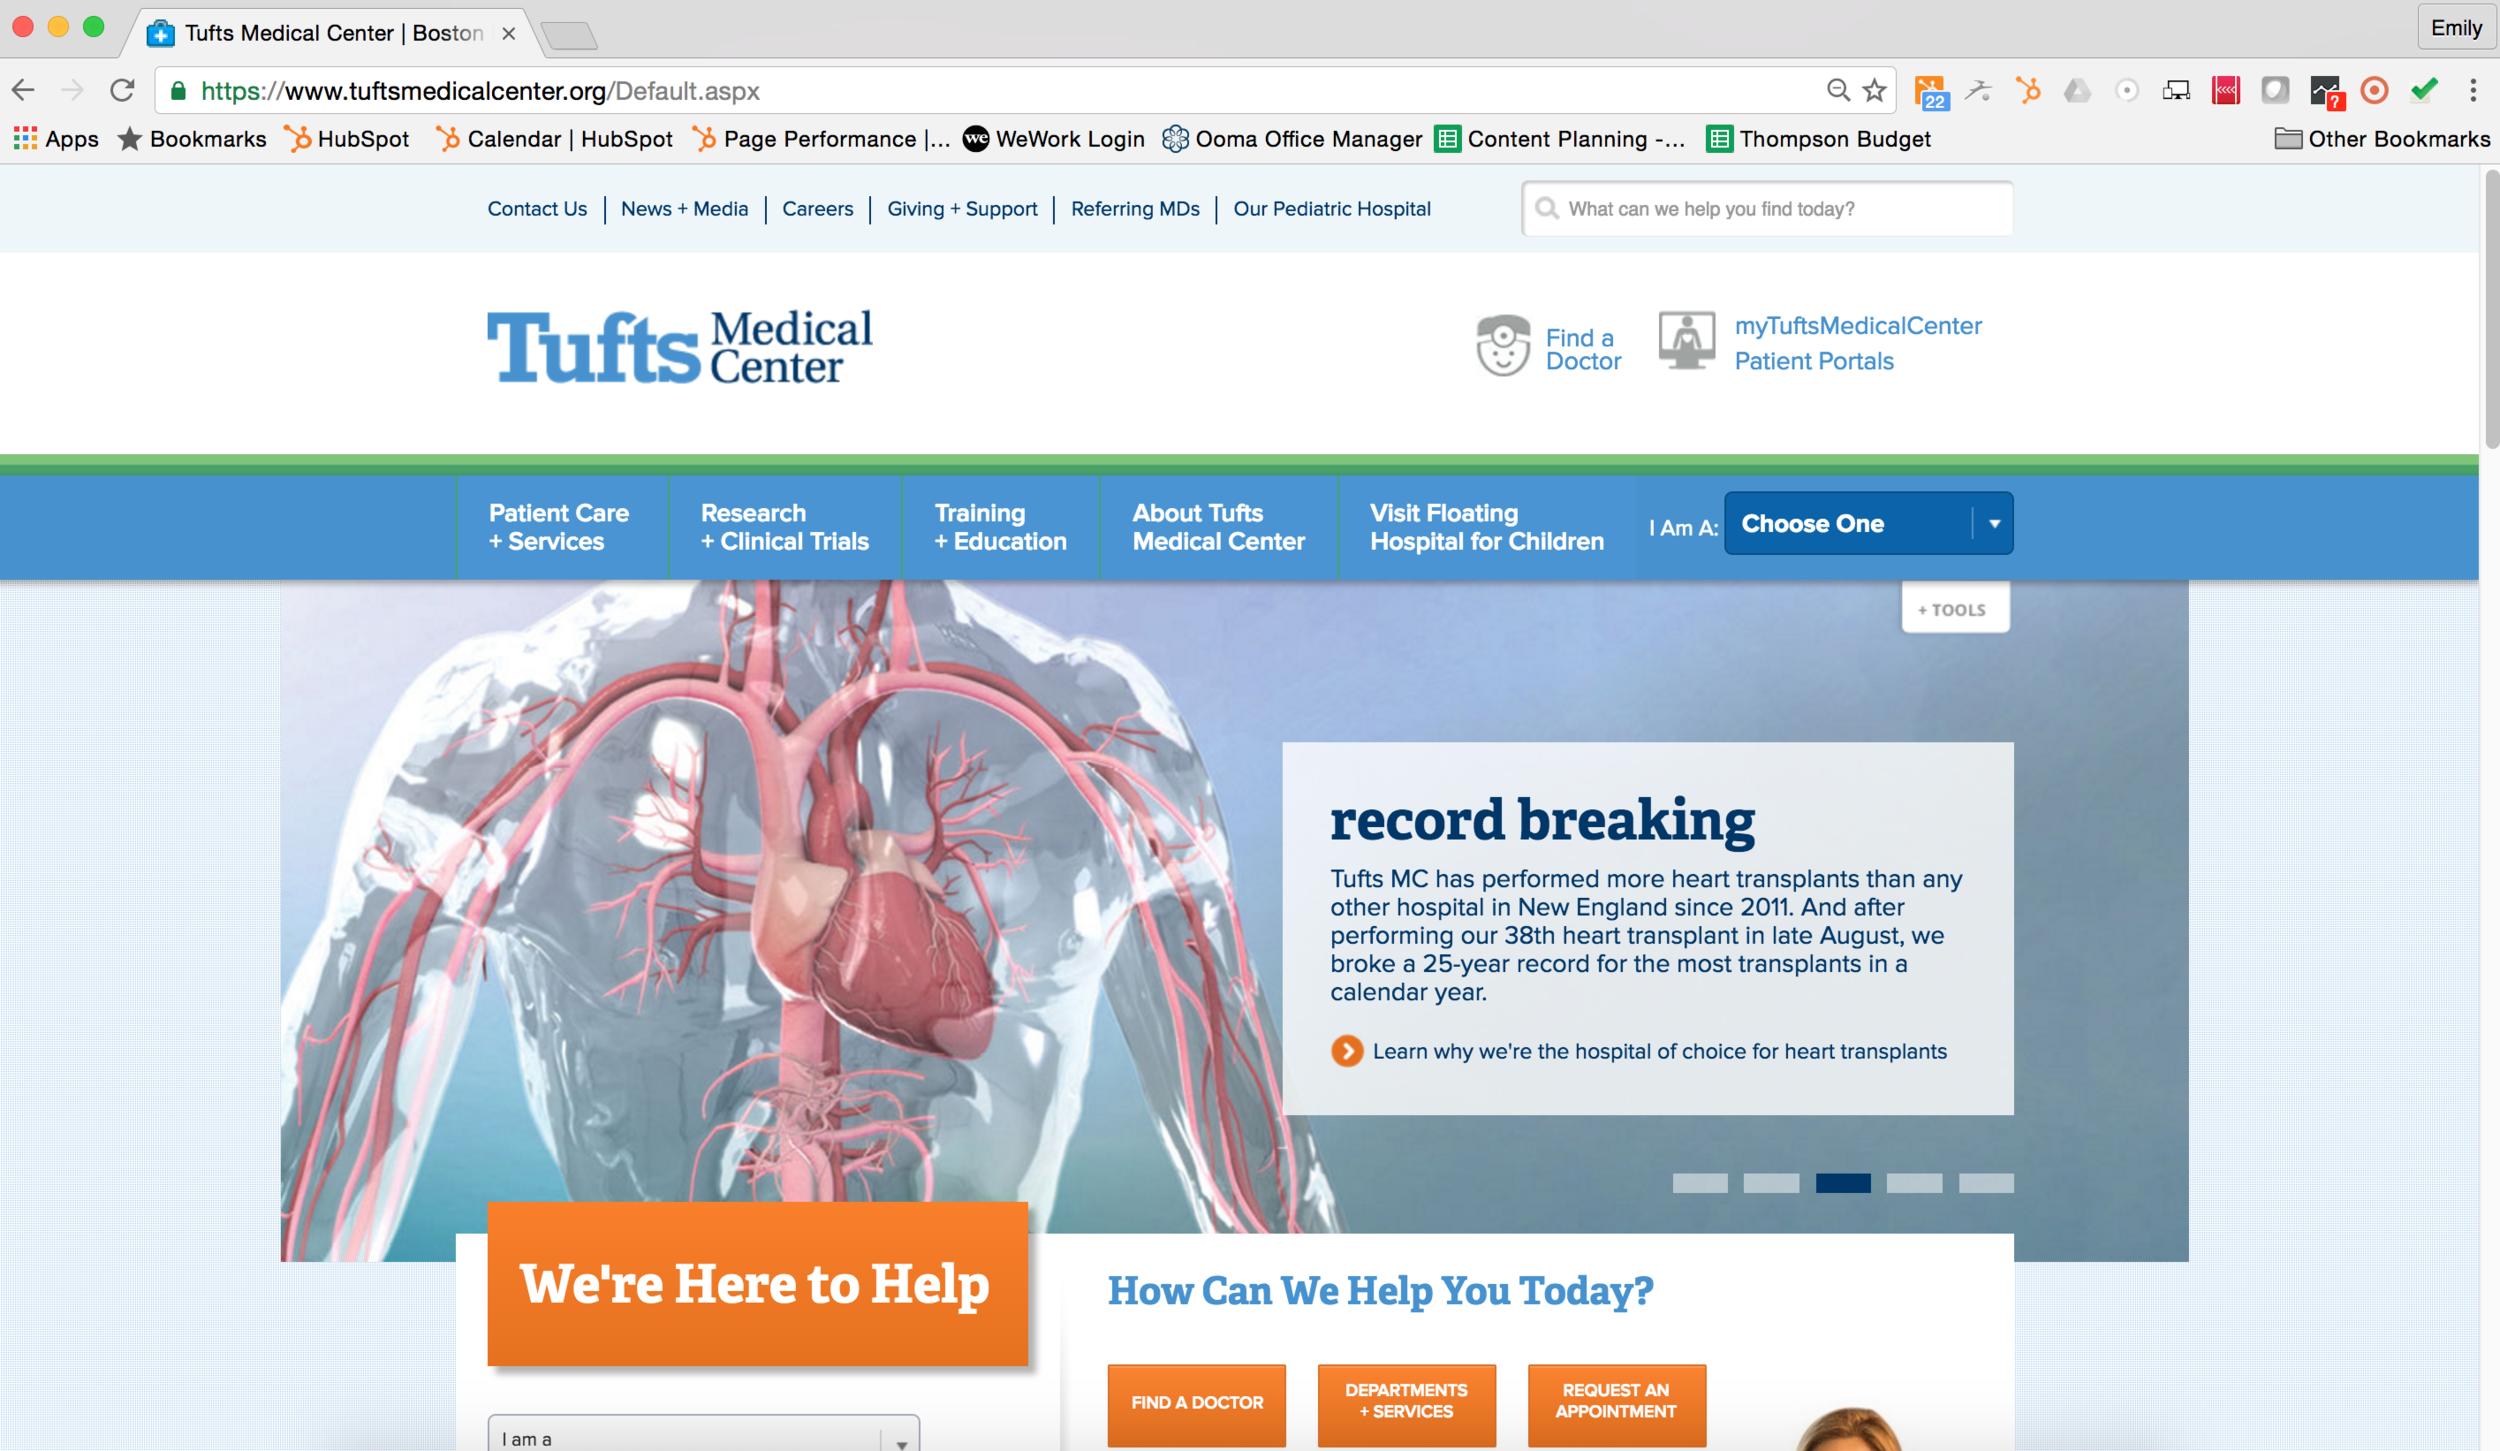 Tufts Medical Center Website